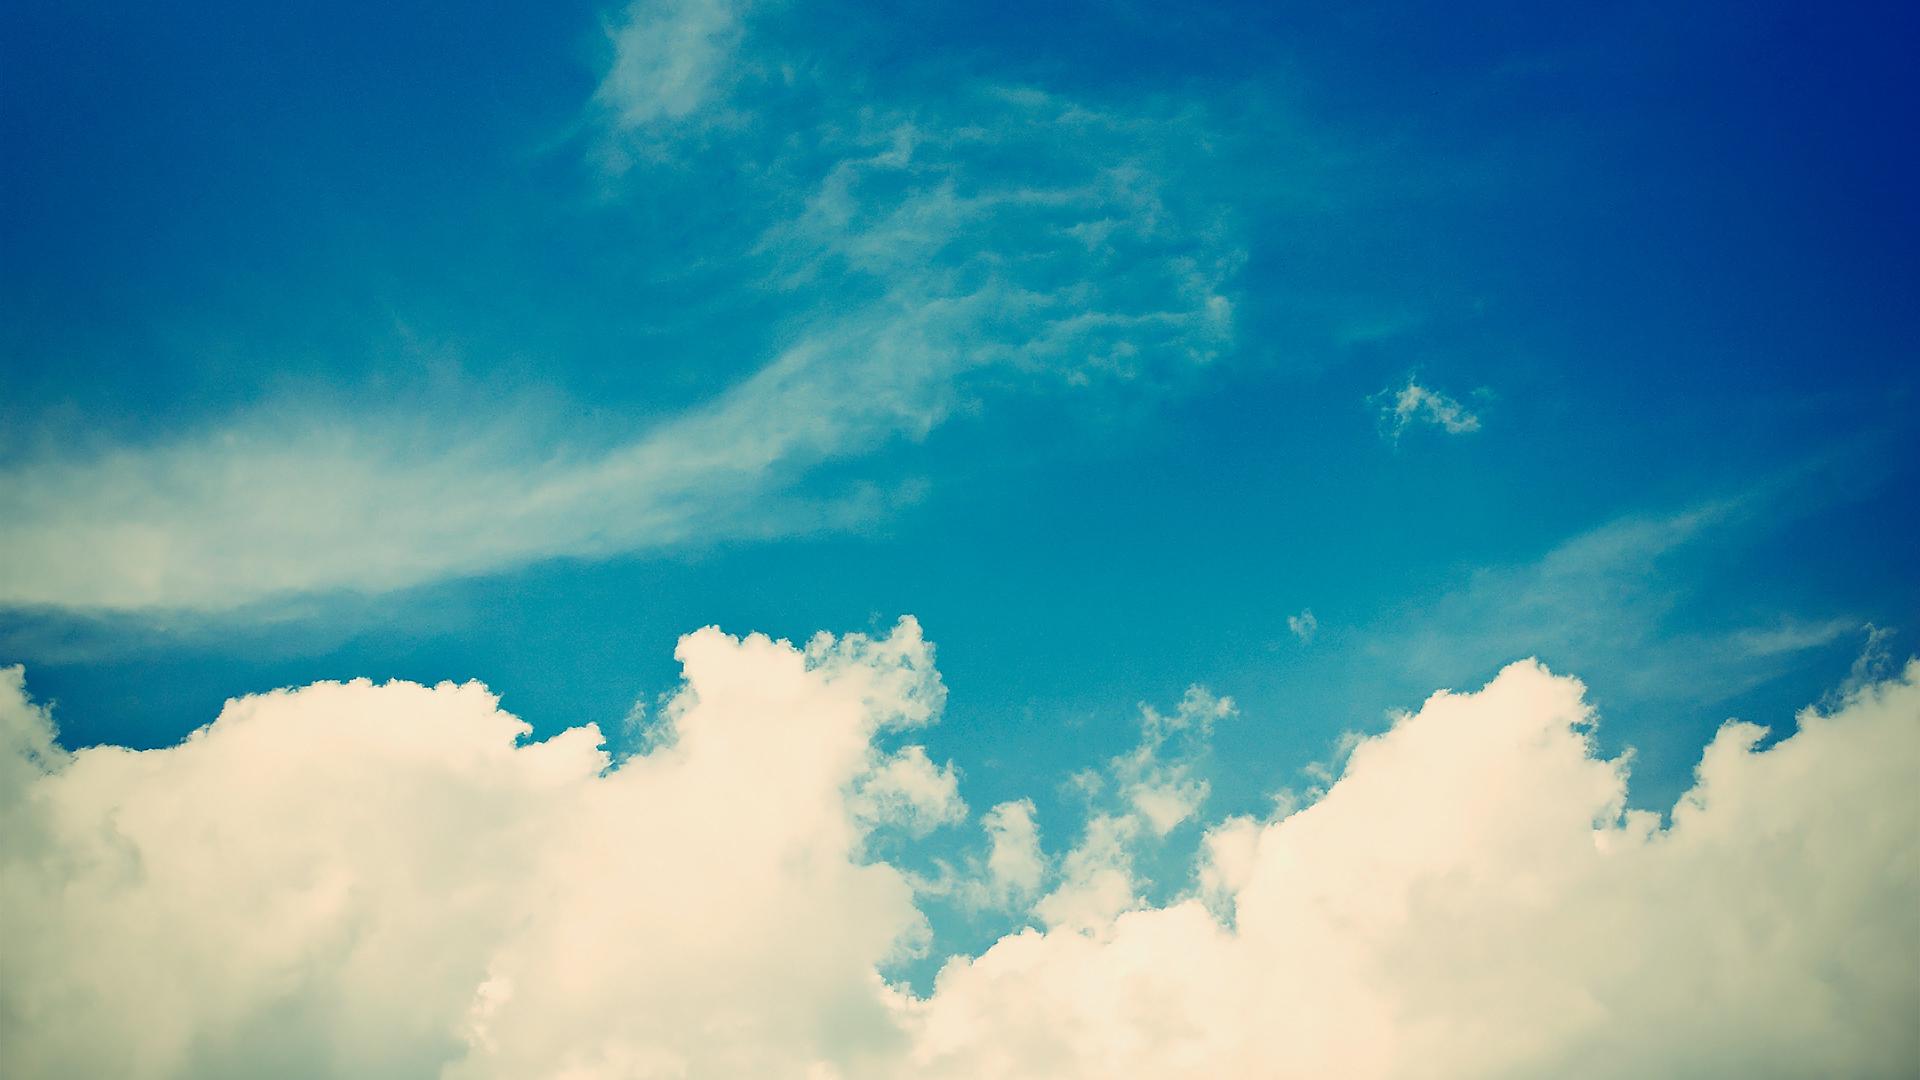 White Clouds In The Sky 4k Hd Desktop Wallpaper For 4k: 배경화면 입니다~